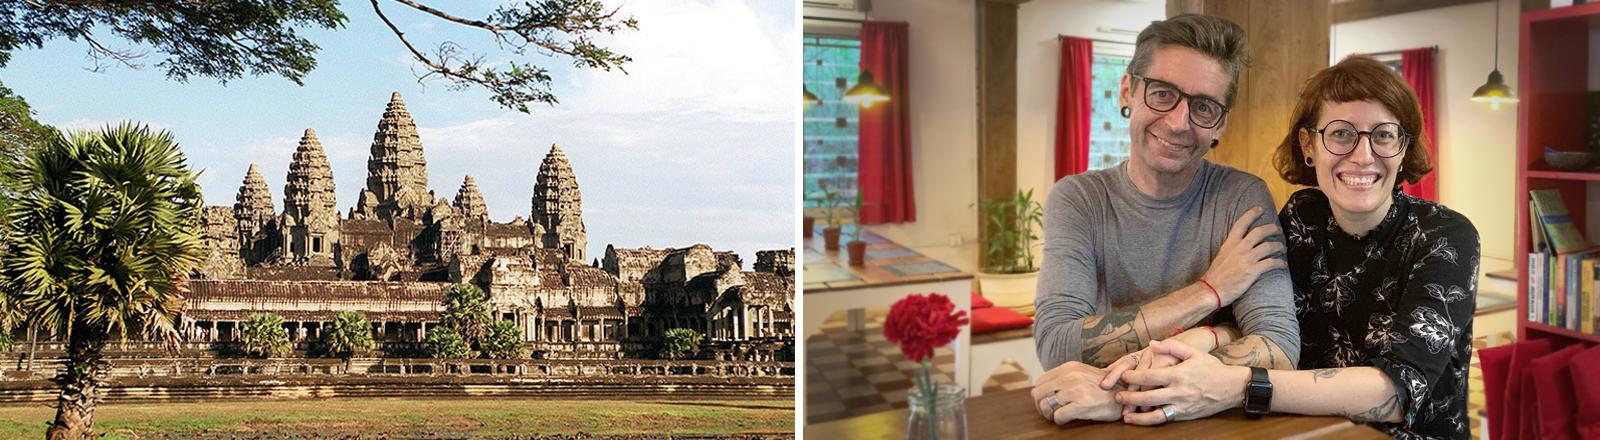 Angkor Wat in Kambodscha und Portrait von Sara und Paul Wallimann